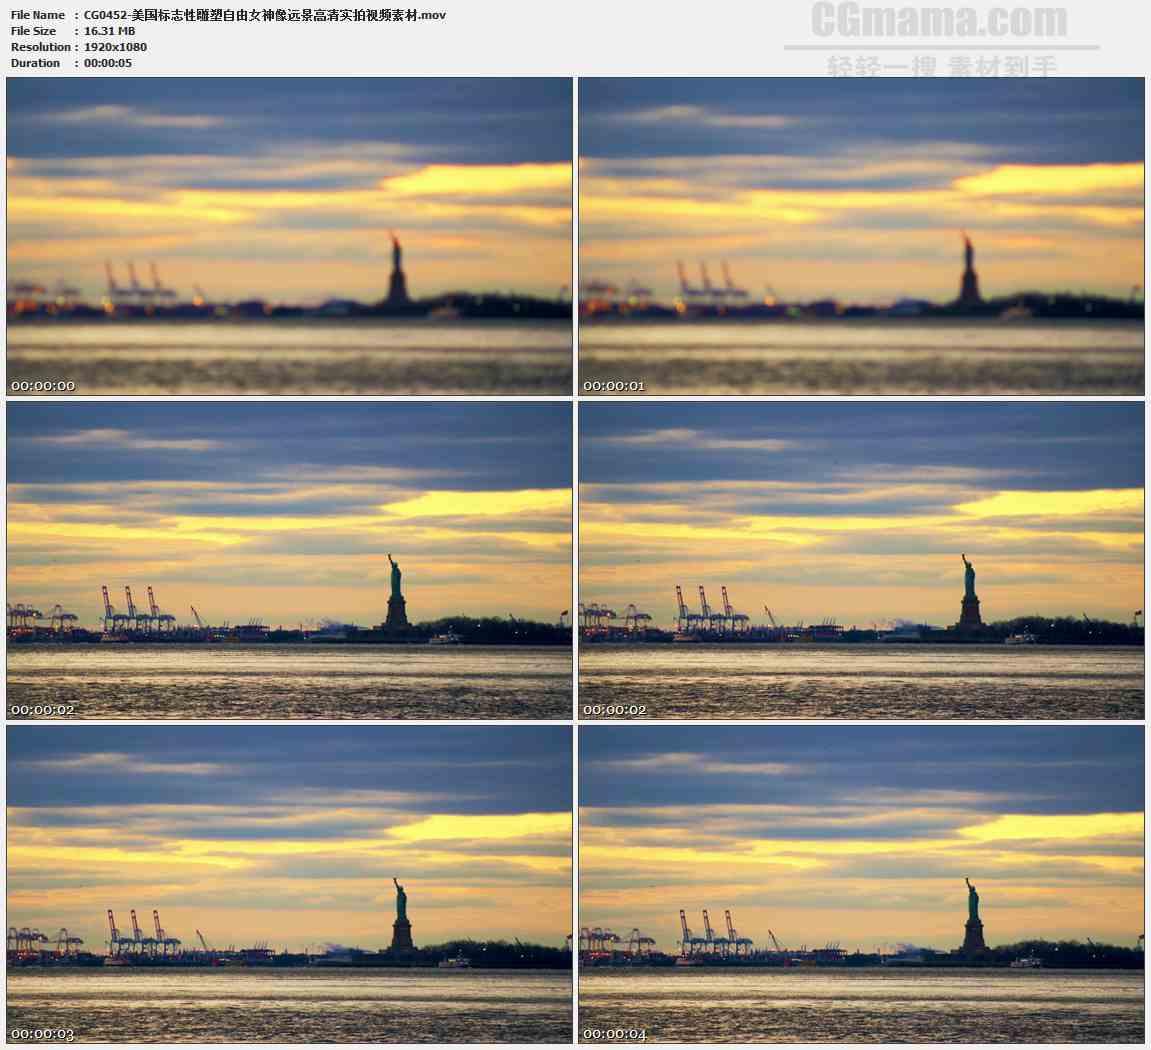 CG0452-美国标志性雕塑自由女神像远景高清实拍视频素材